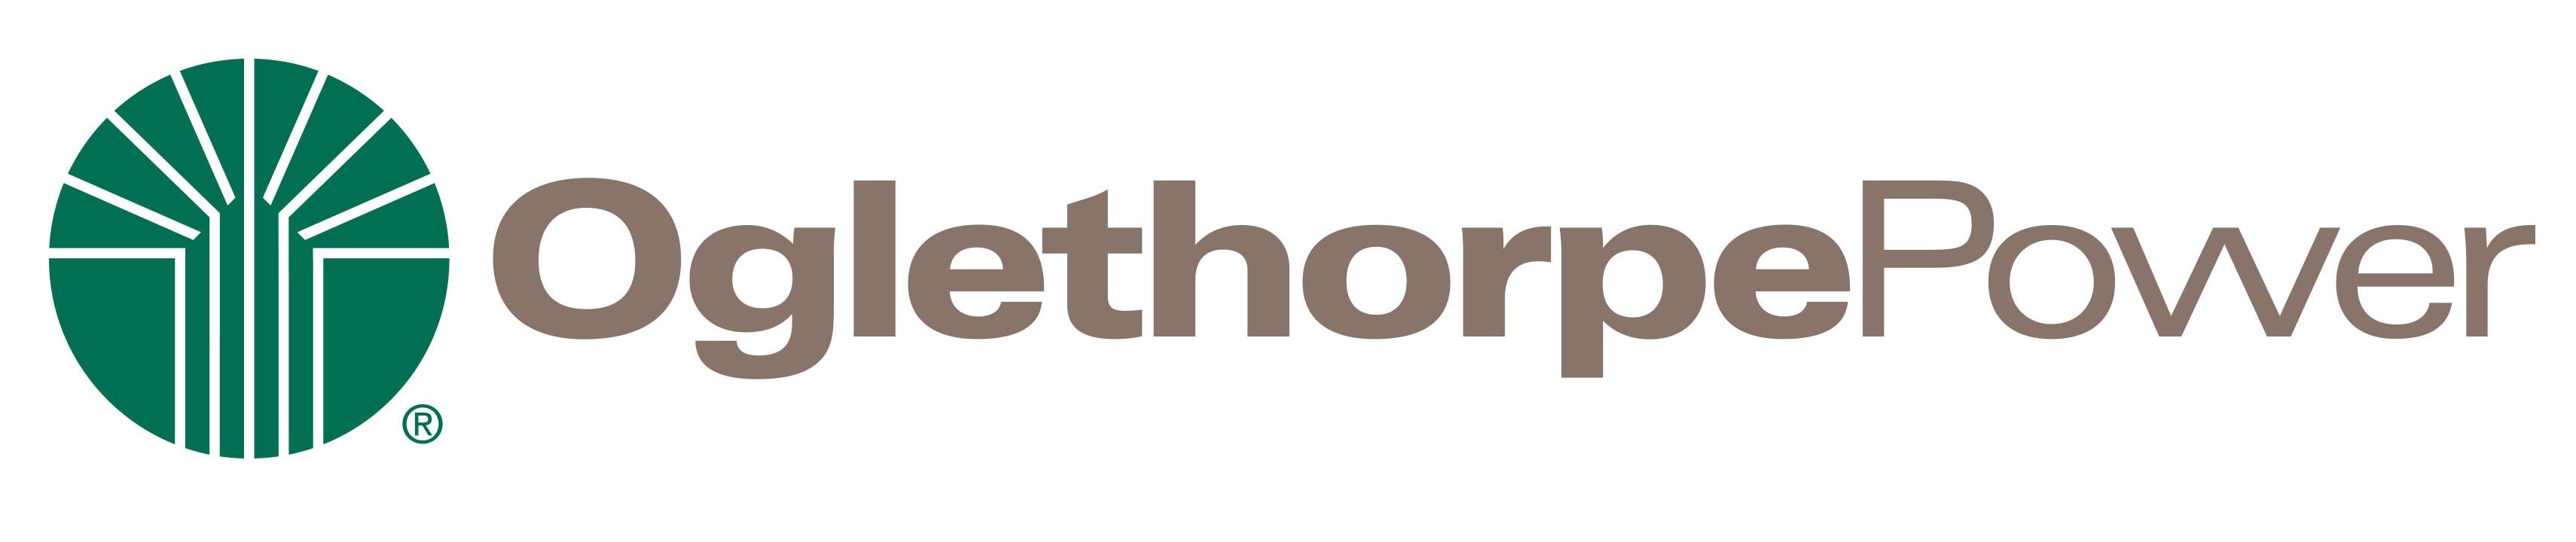 Oglethorpe Power Corporation logo